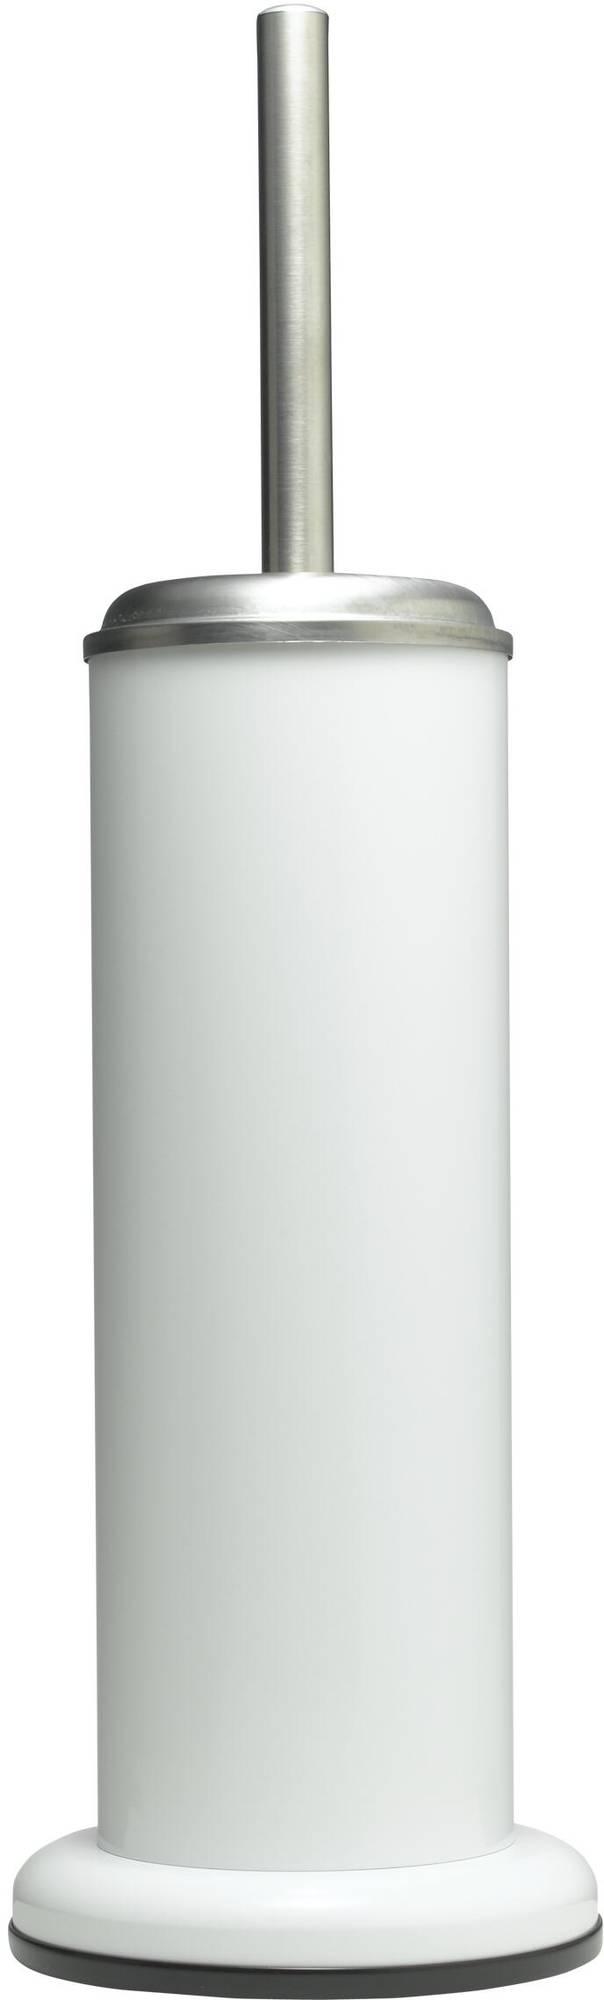 Sealskin Acero Toiletborstelhouder Wit